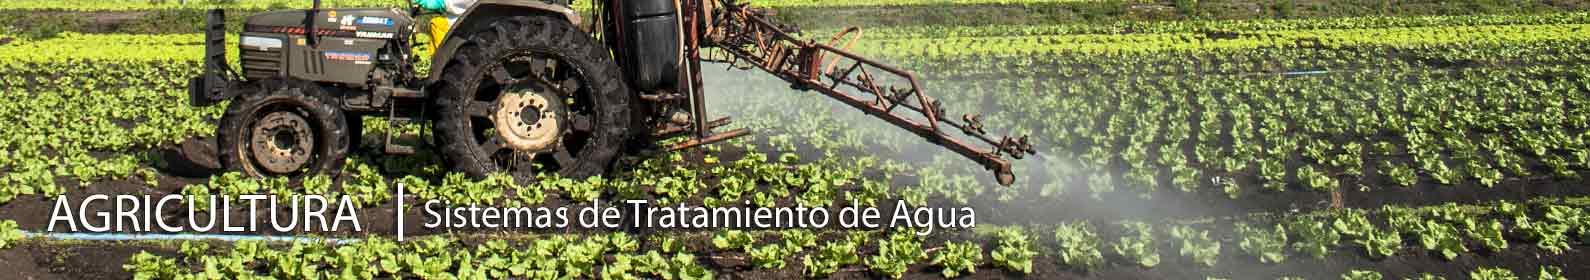 sistemas-de-tratamiento-de-agua-agricultura.jpg